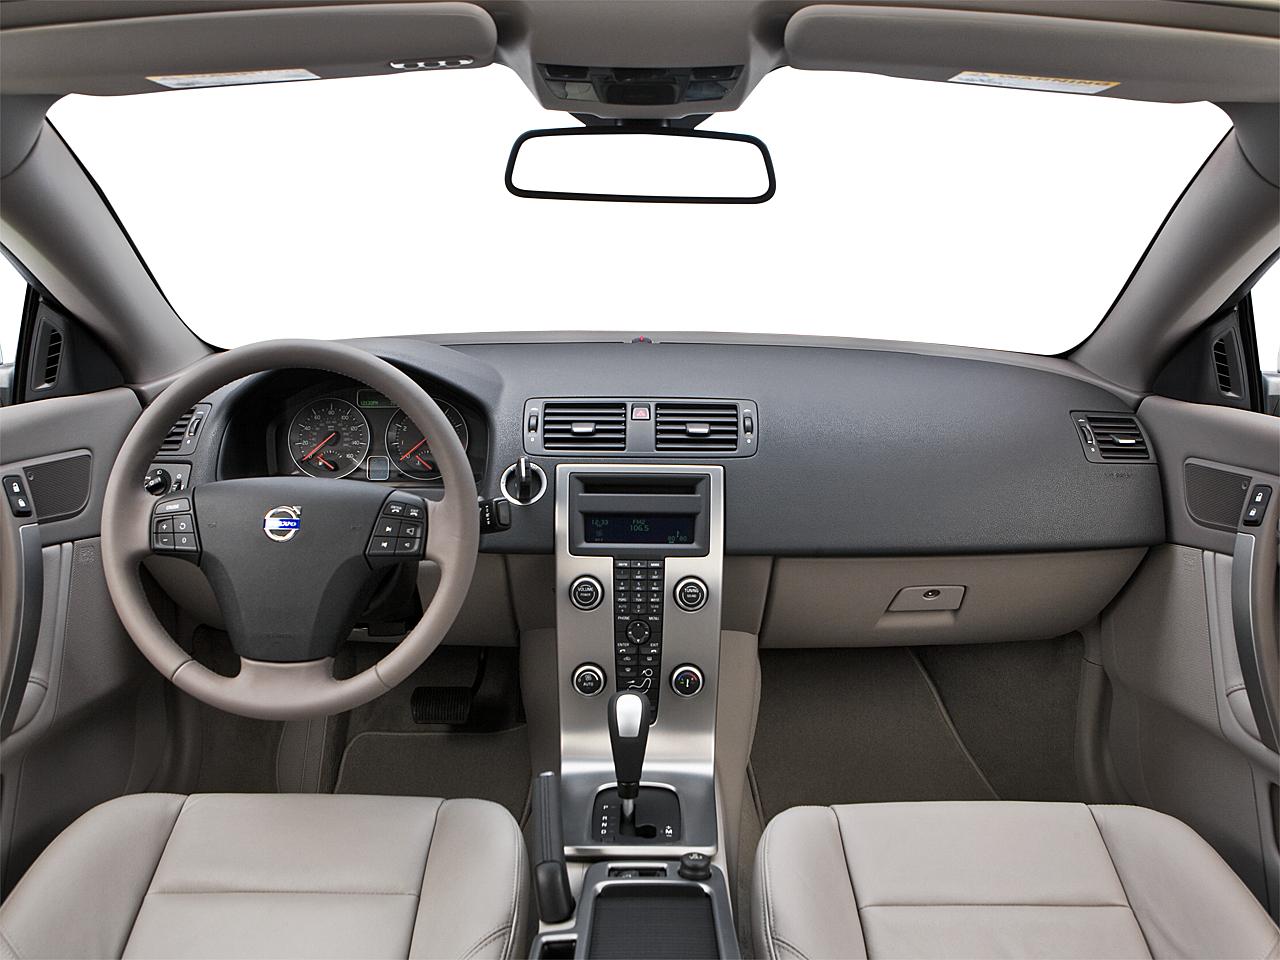 2009 Volvo C70 T5 A Cv Centered Wide Dash Shot